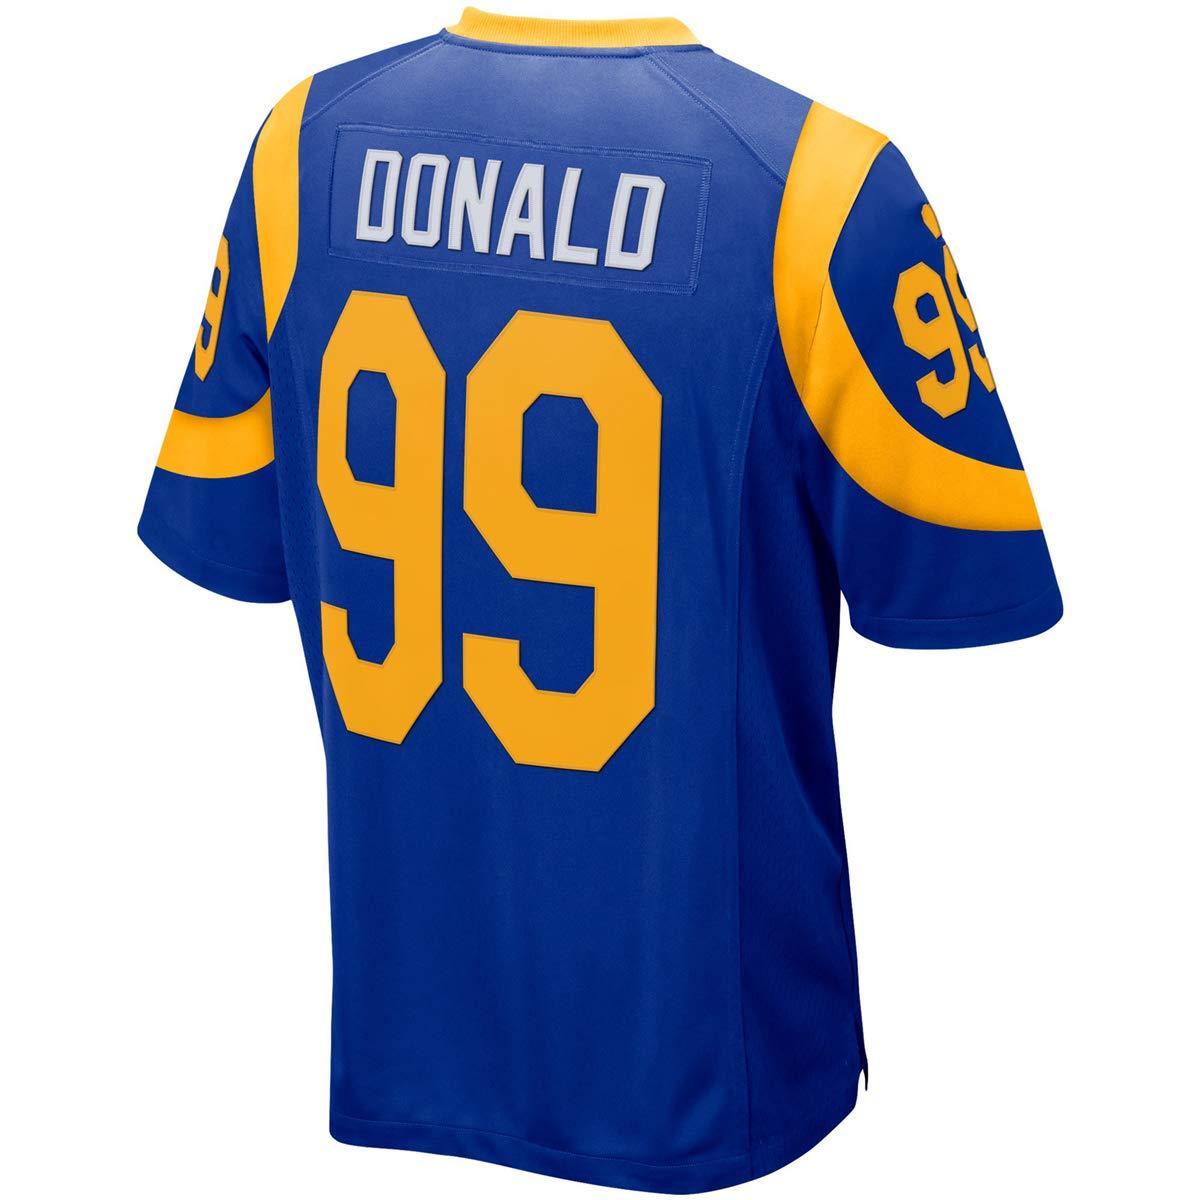 Fabric Fit Kurzarmhemden Fußball Trikots Herren/Damen LA Rams NO.99 Donald Fans Sportkleidung T-Shirt Atmungsaktiv Schnell Trocken Jersey Heimtrikot